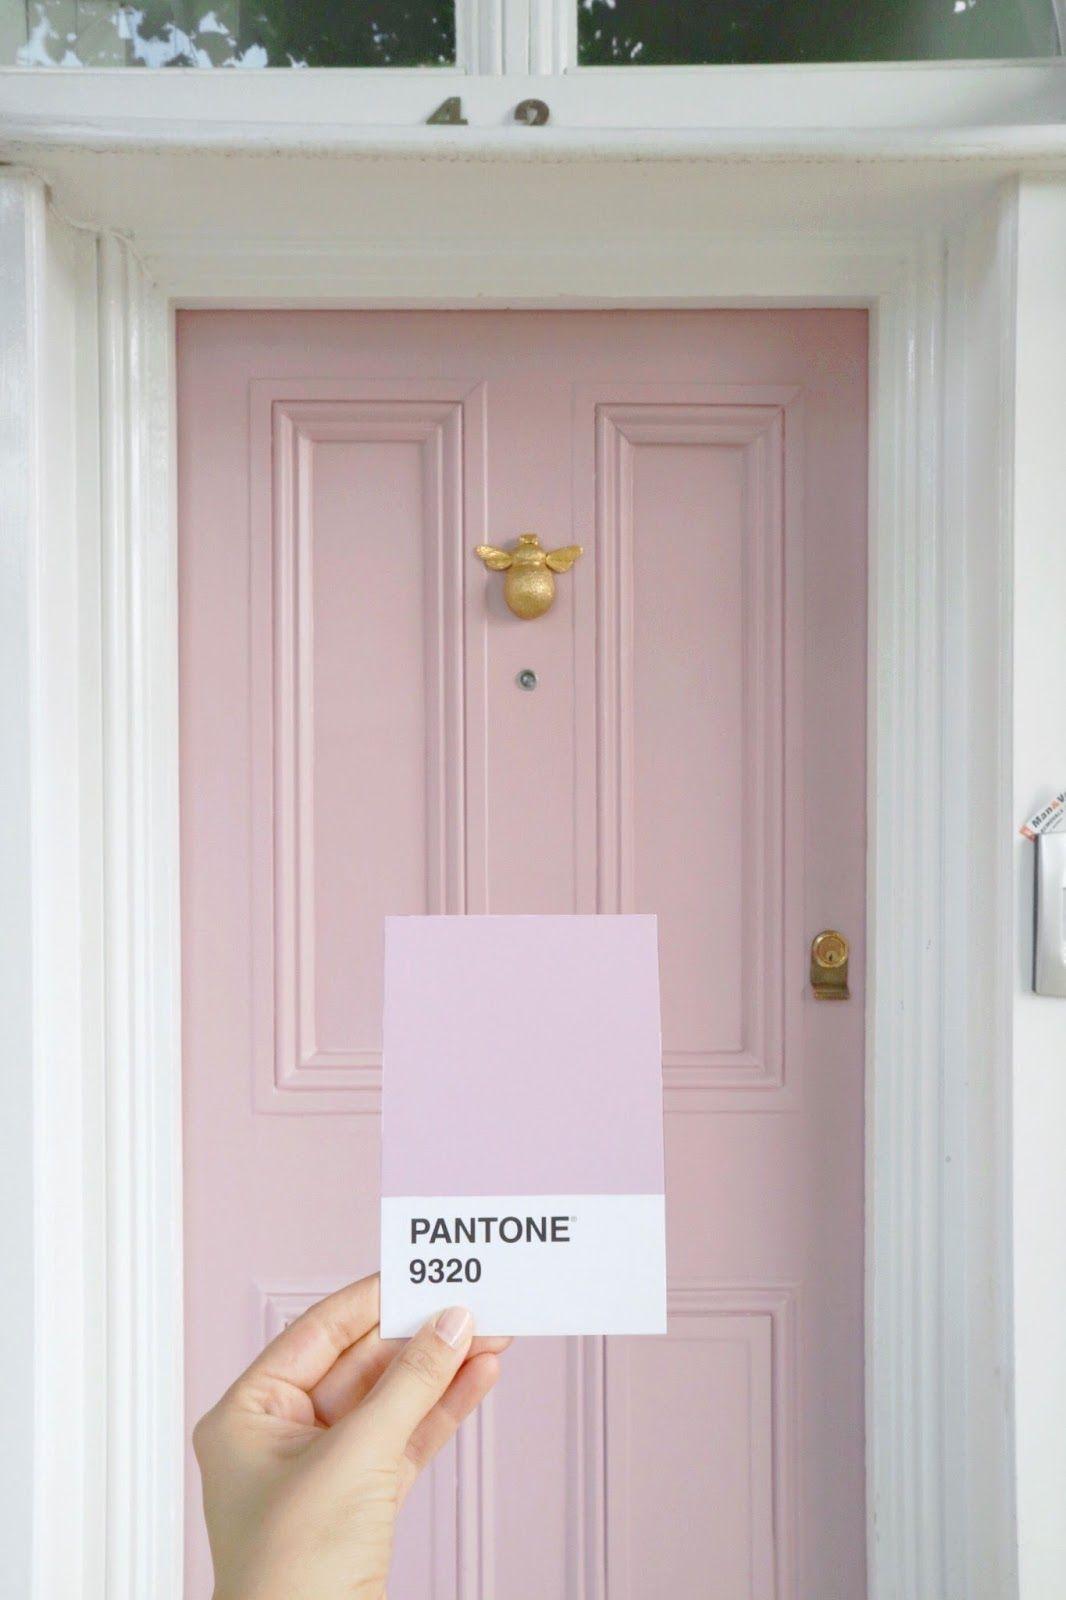 Pantone Doors M A R I A M A R I E Painted Front Doors Pantone Pink Pink Door